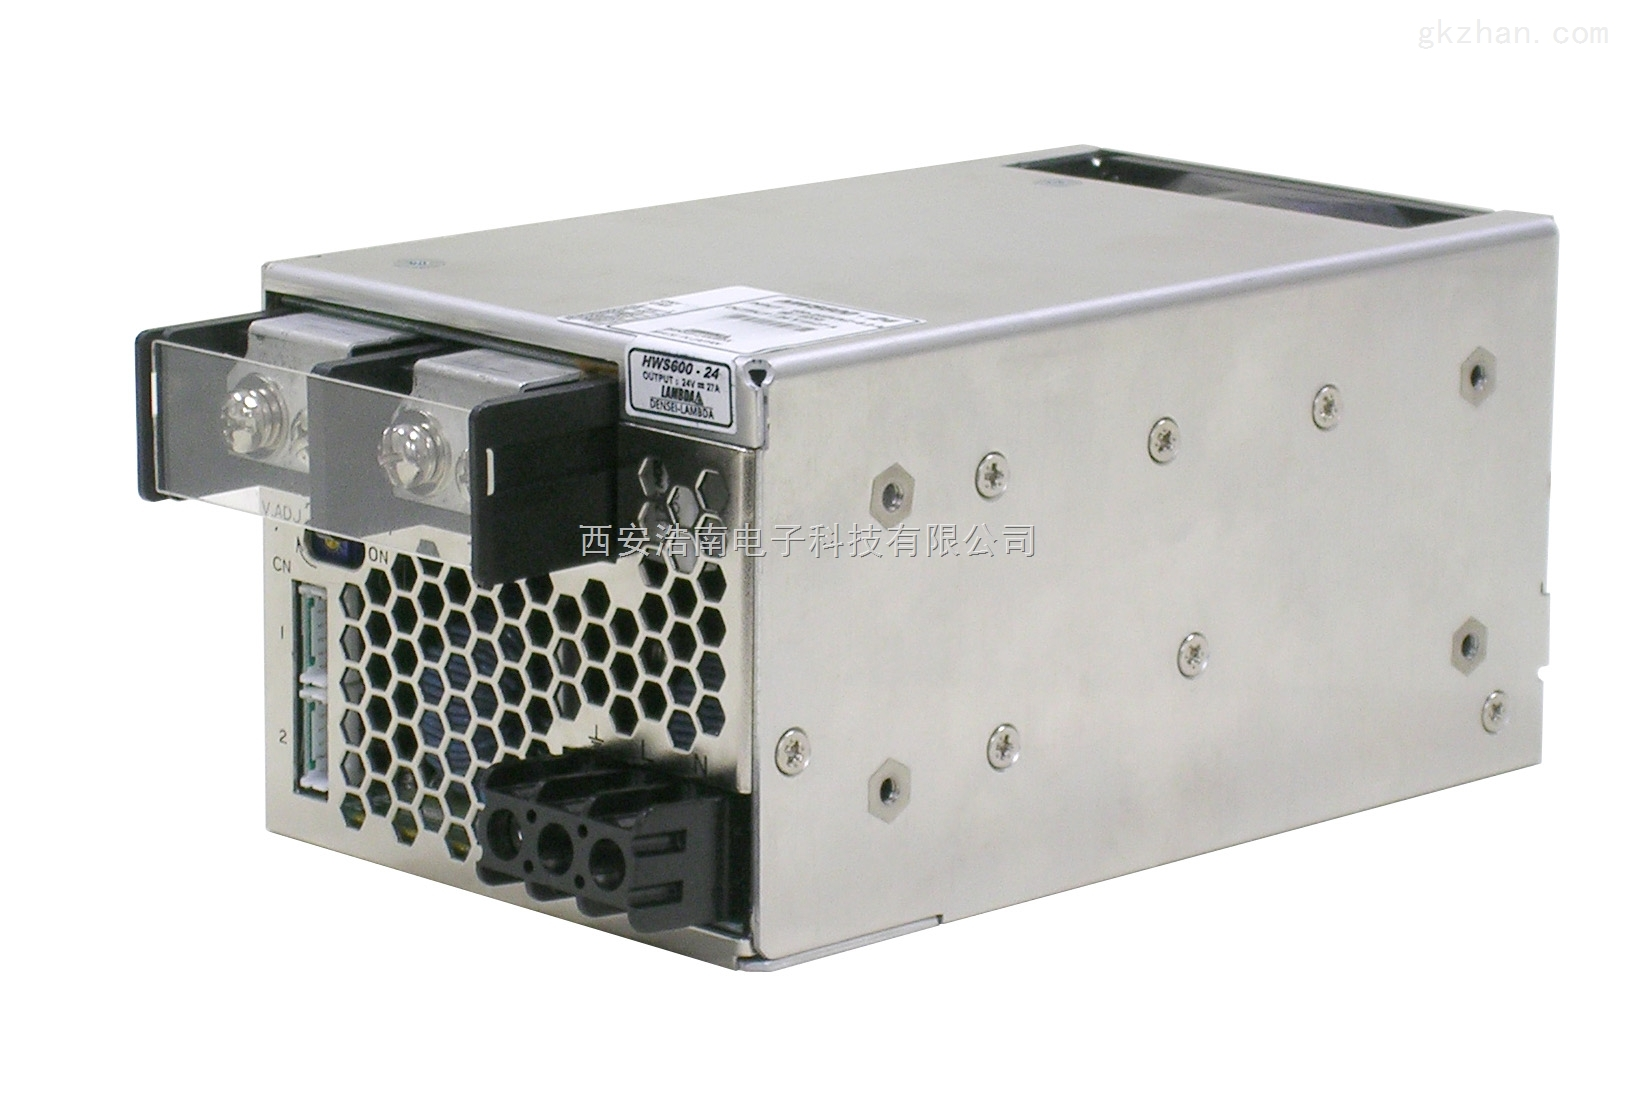 大功率�_�P�源HWS1500系列 HWS1500-24 HWS1500-48 HWS1500-60